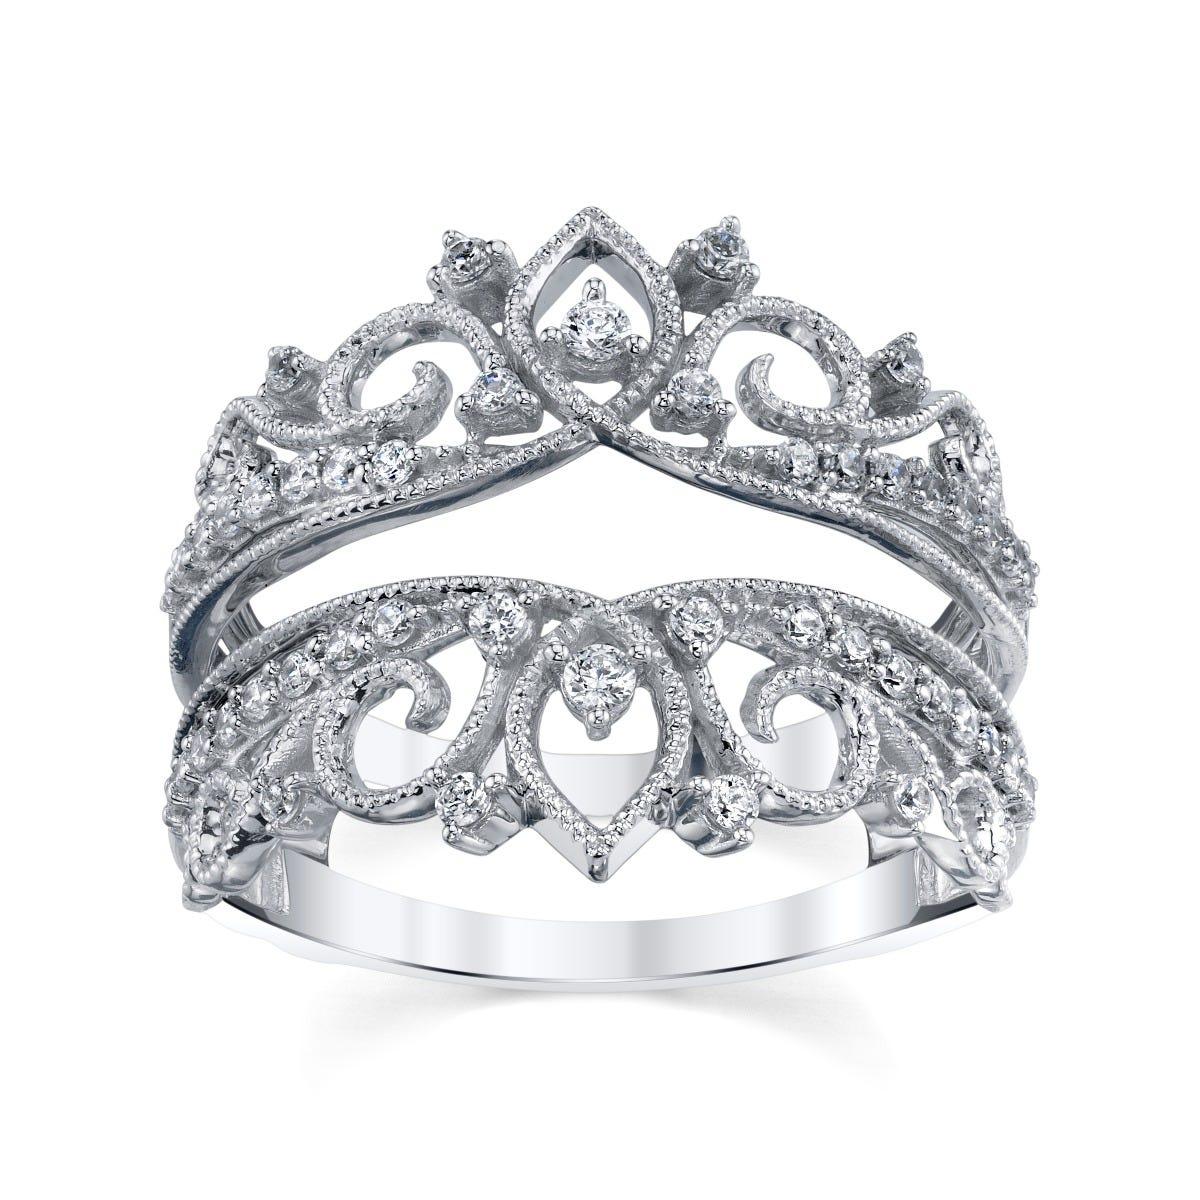 Sirena 3/8ctw. Diamond Crown Ring Insert Enhancer in 14k White Gold